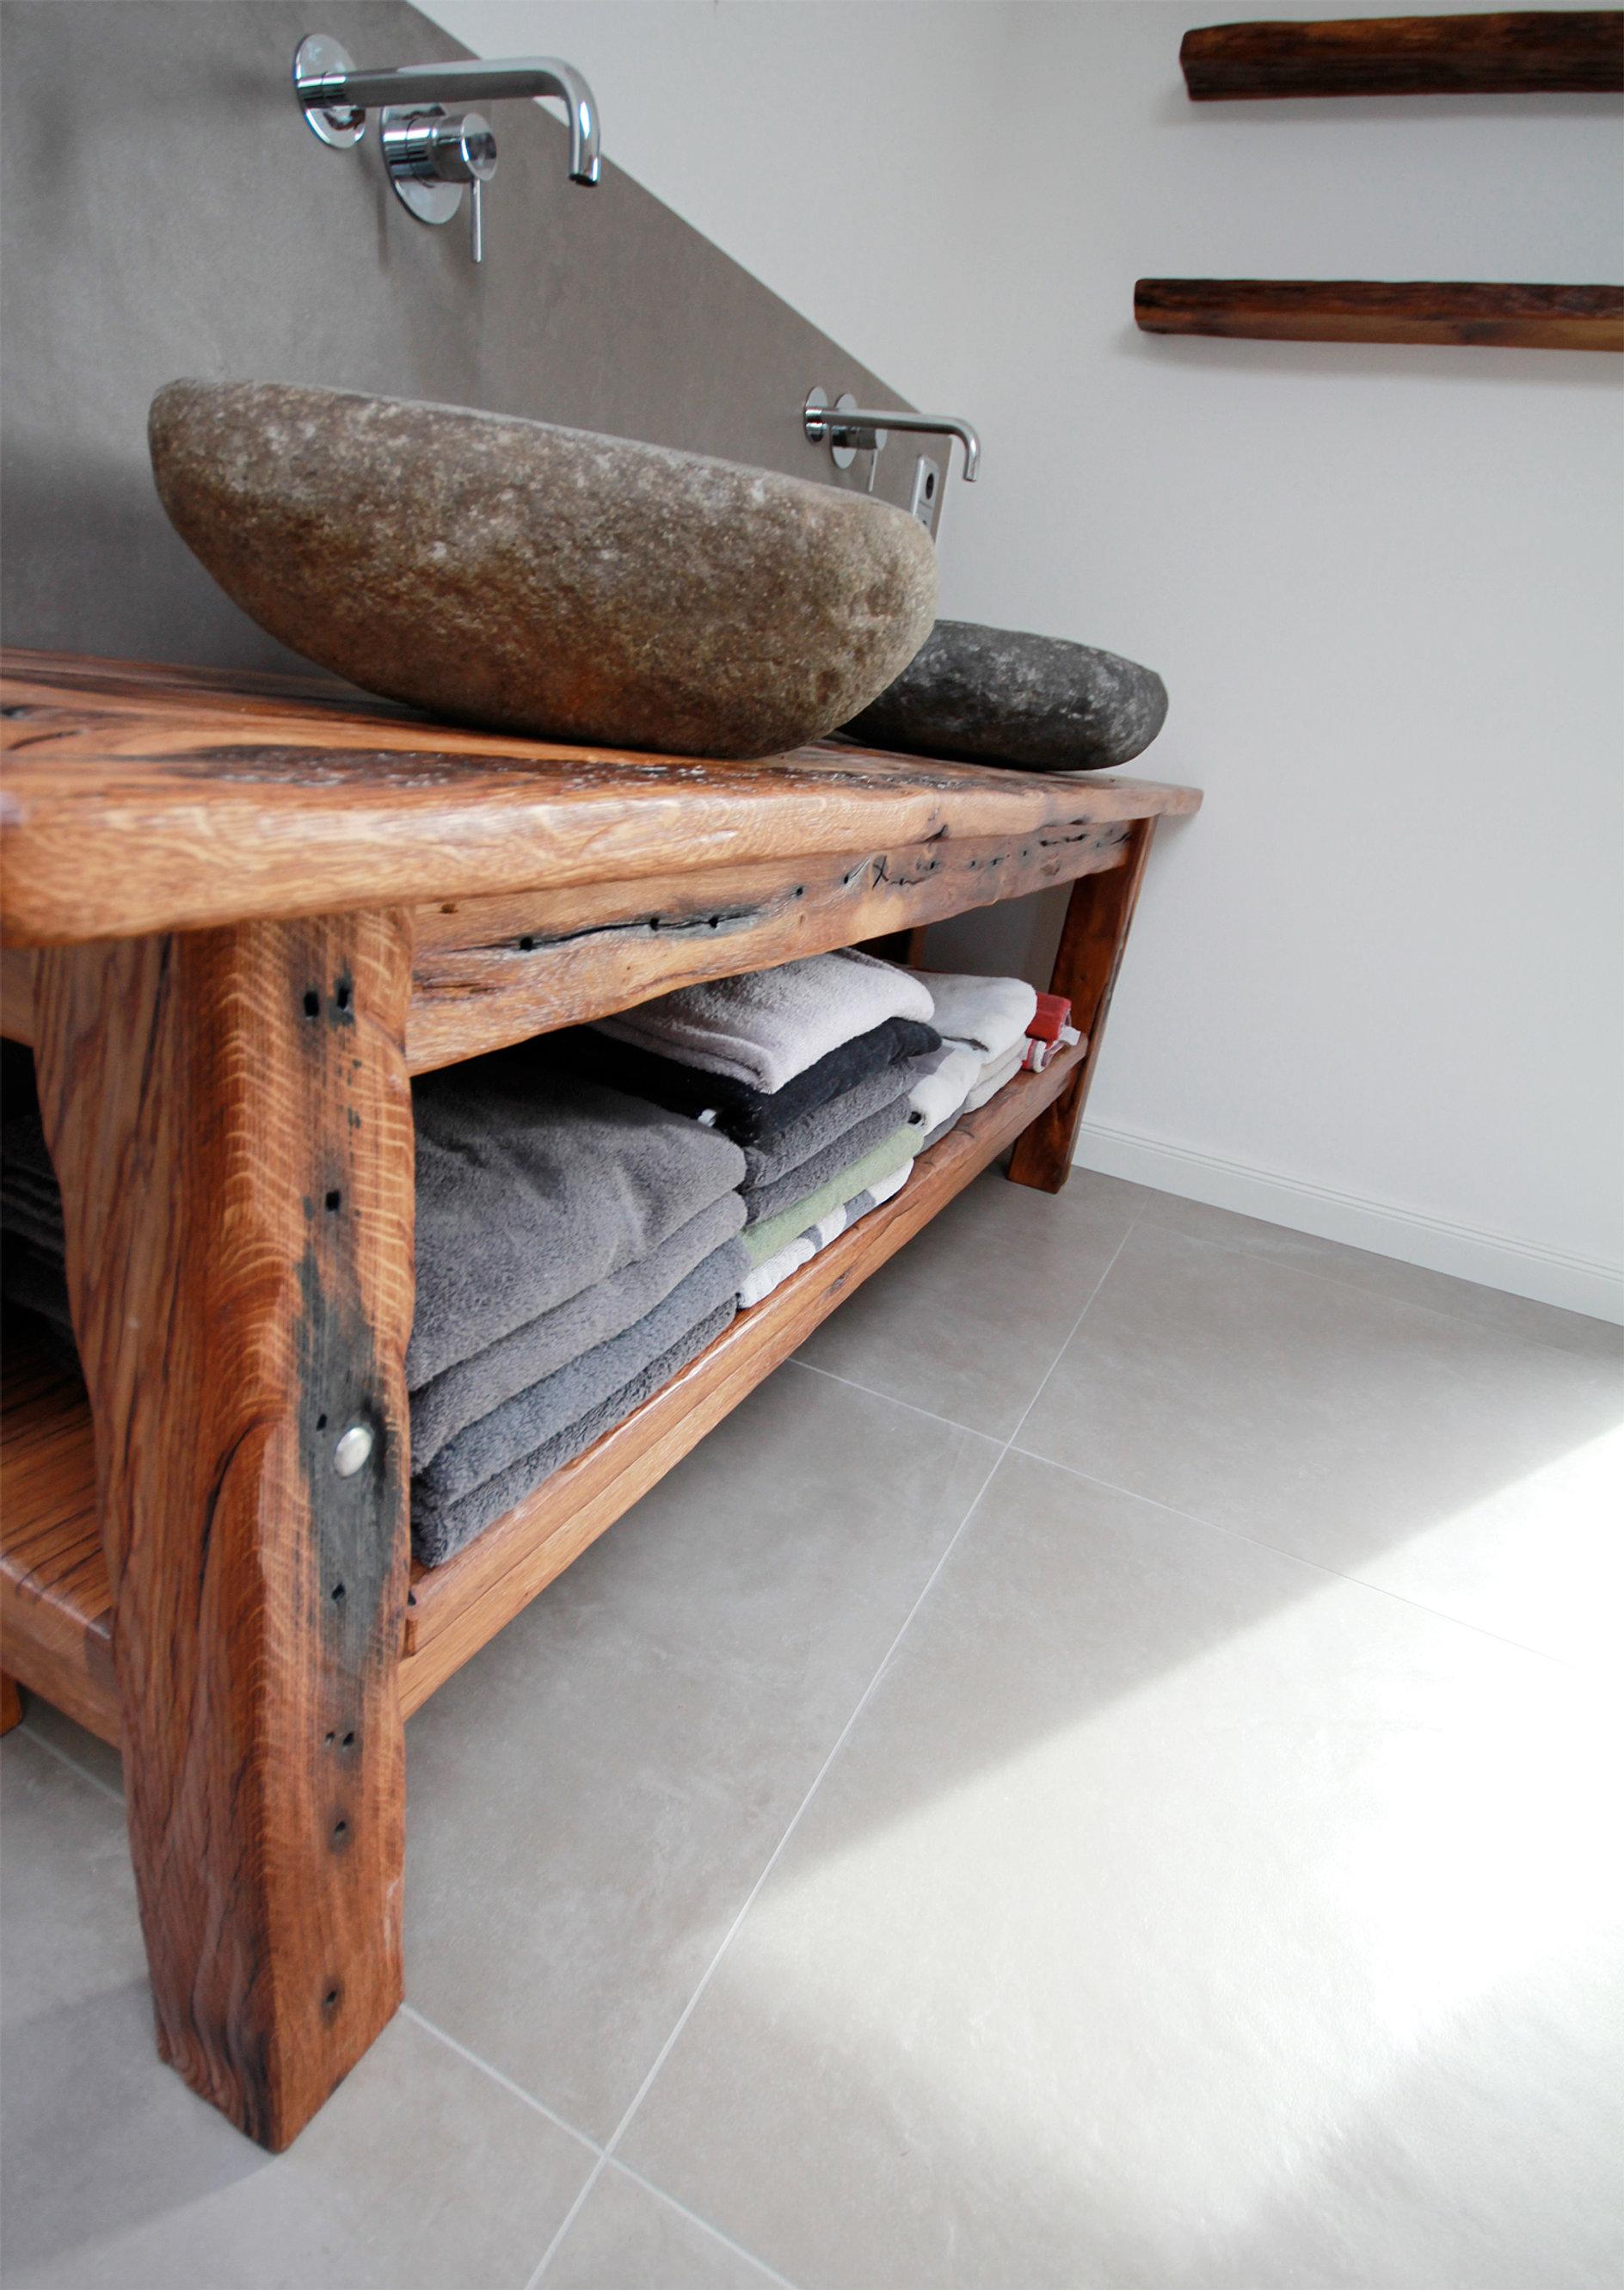 Tisch Für Waschbecken: Design keramik aufsatz waschbecken & tisch ... | {Waschtischplatte altholz 19}